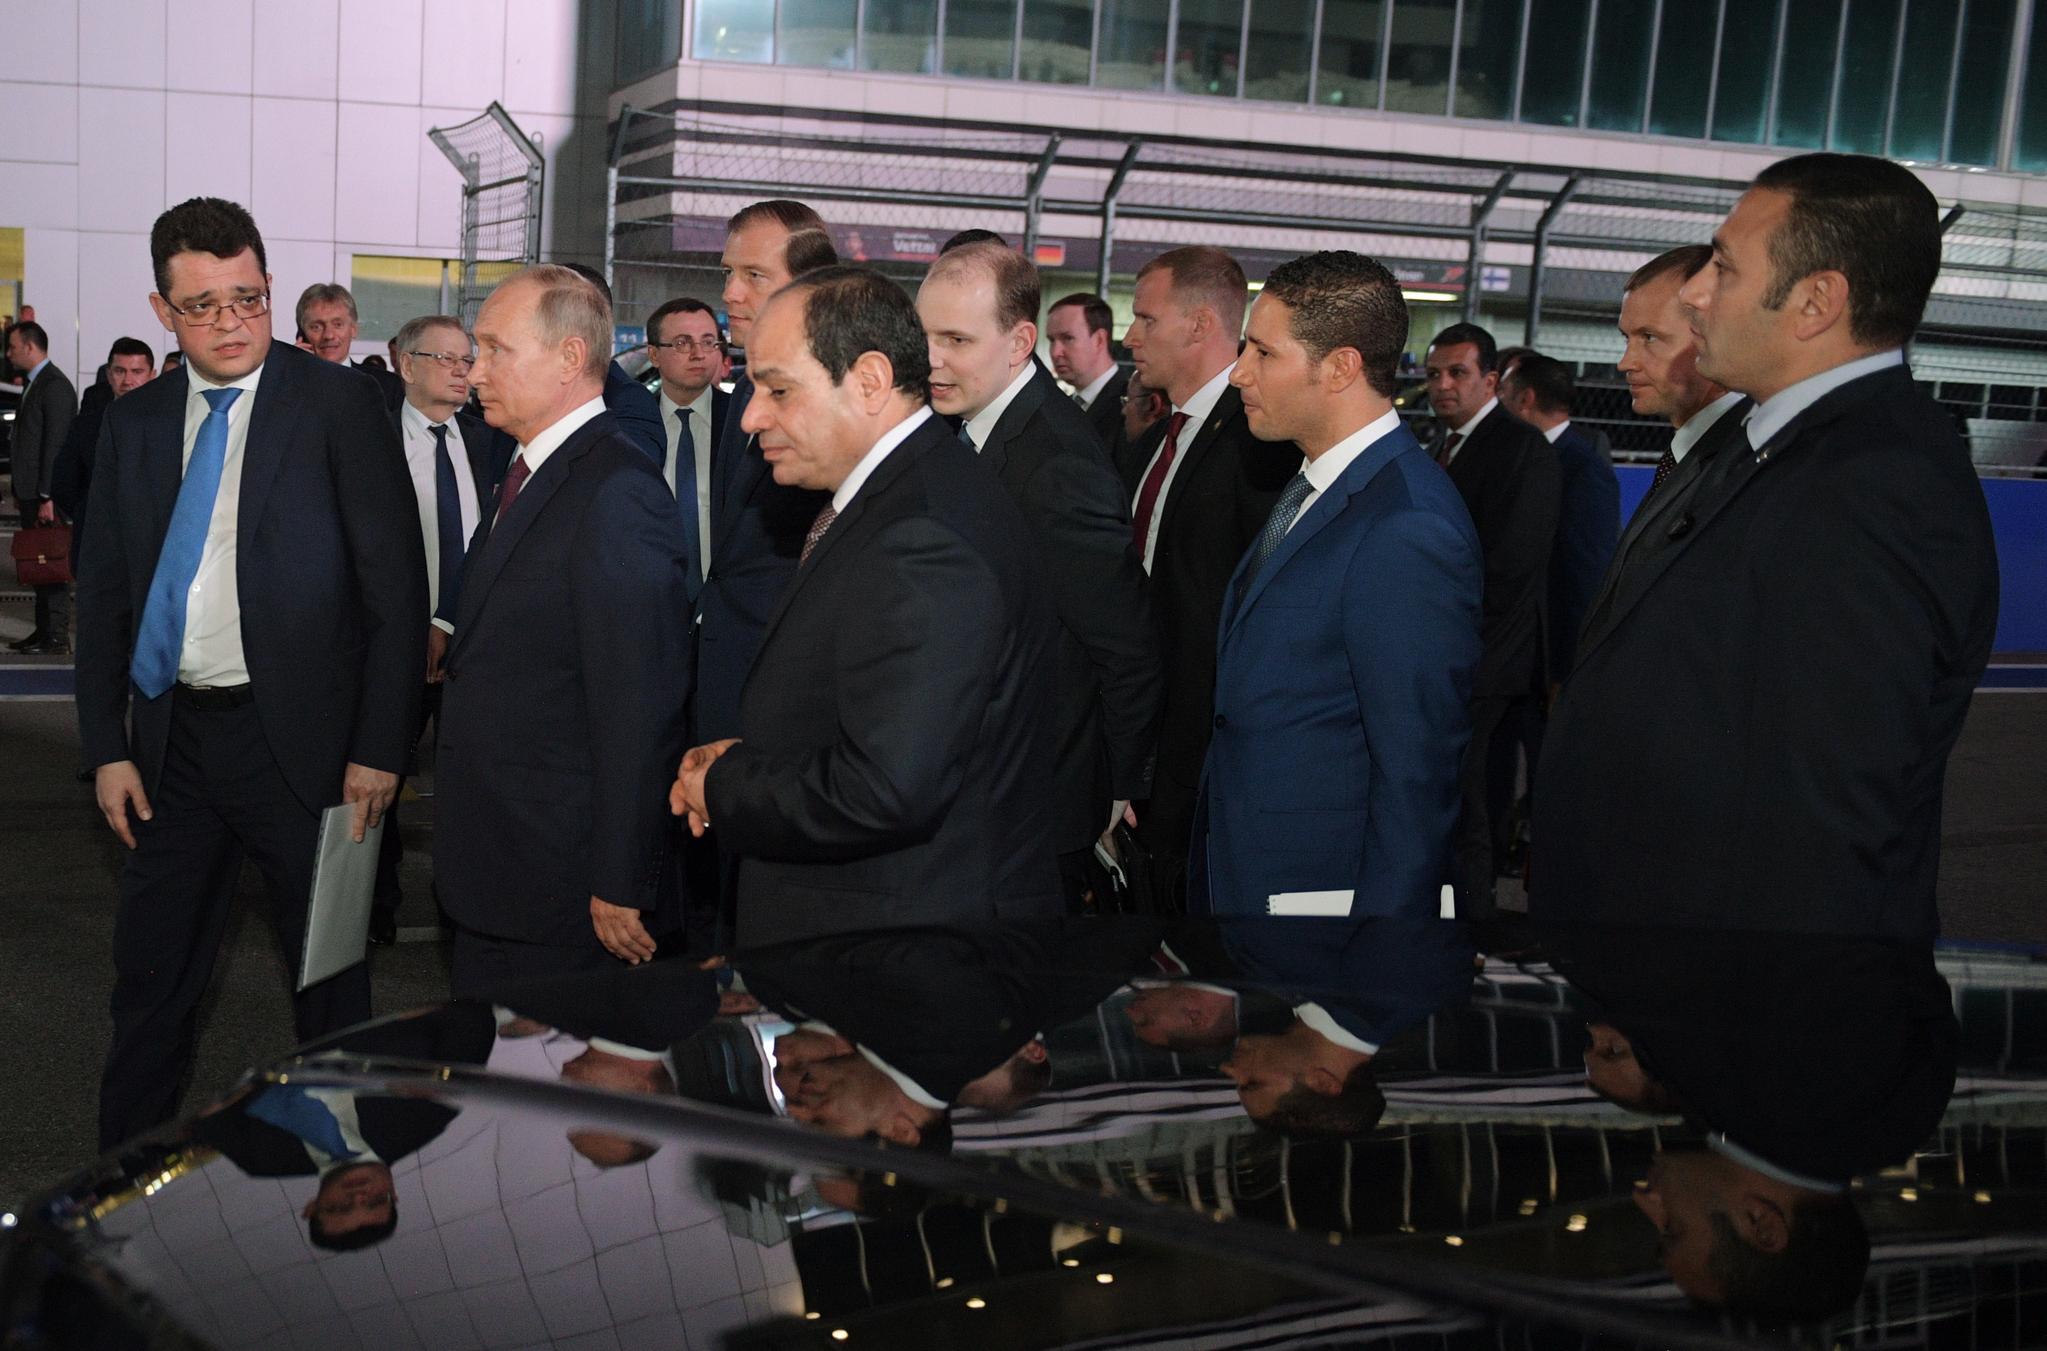 푸틴 대통령(앞줄 왼쪽 둘째)이 17일(현지시간) 압둘팟타흐 엘시시 이집트 대통령(앞줄 왼쪽 셋째)과 정상회담을 마치고, 최근 F1 그랑프리가 열렸던 러시아 소치 오토돔을 방문해 내부로 이동하고 있다. [EPA=연합뉴스]